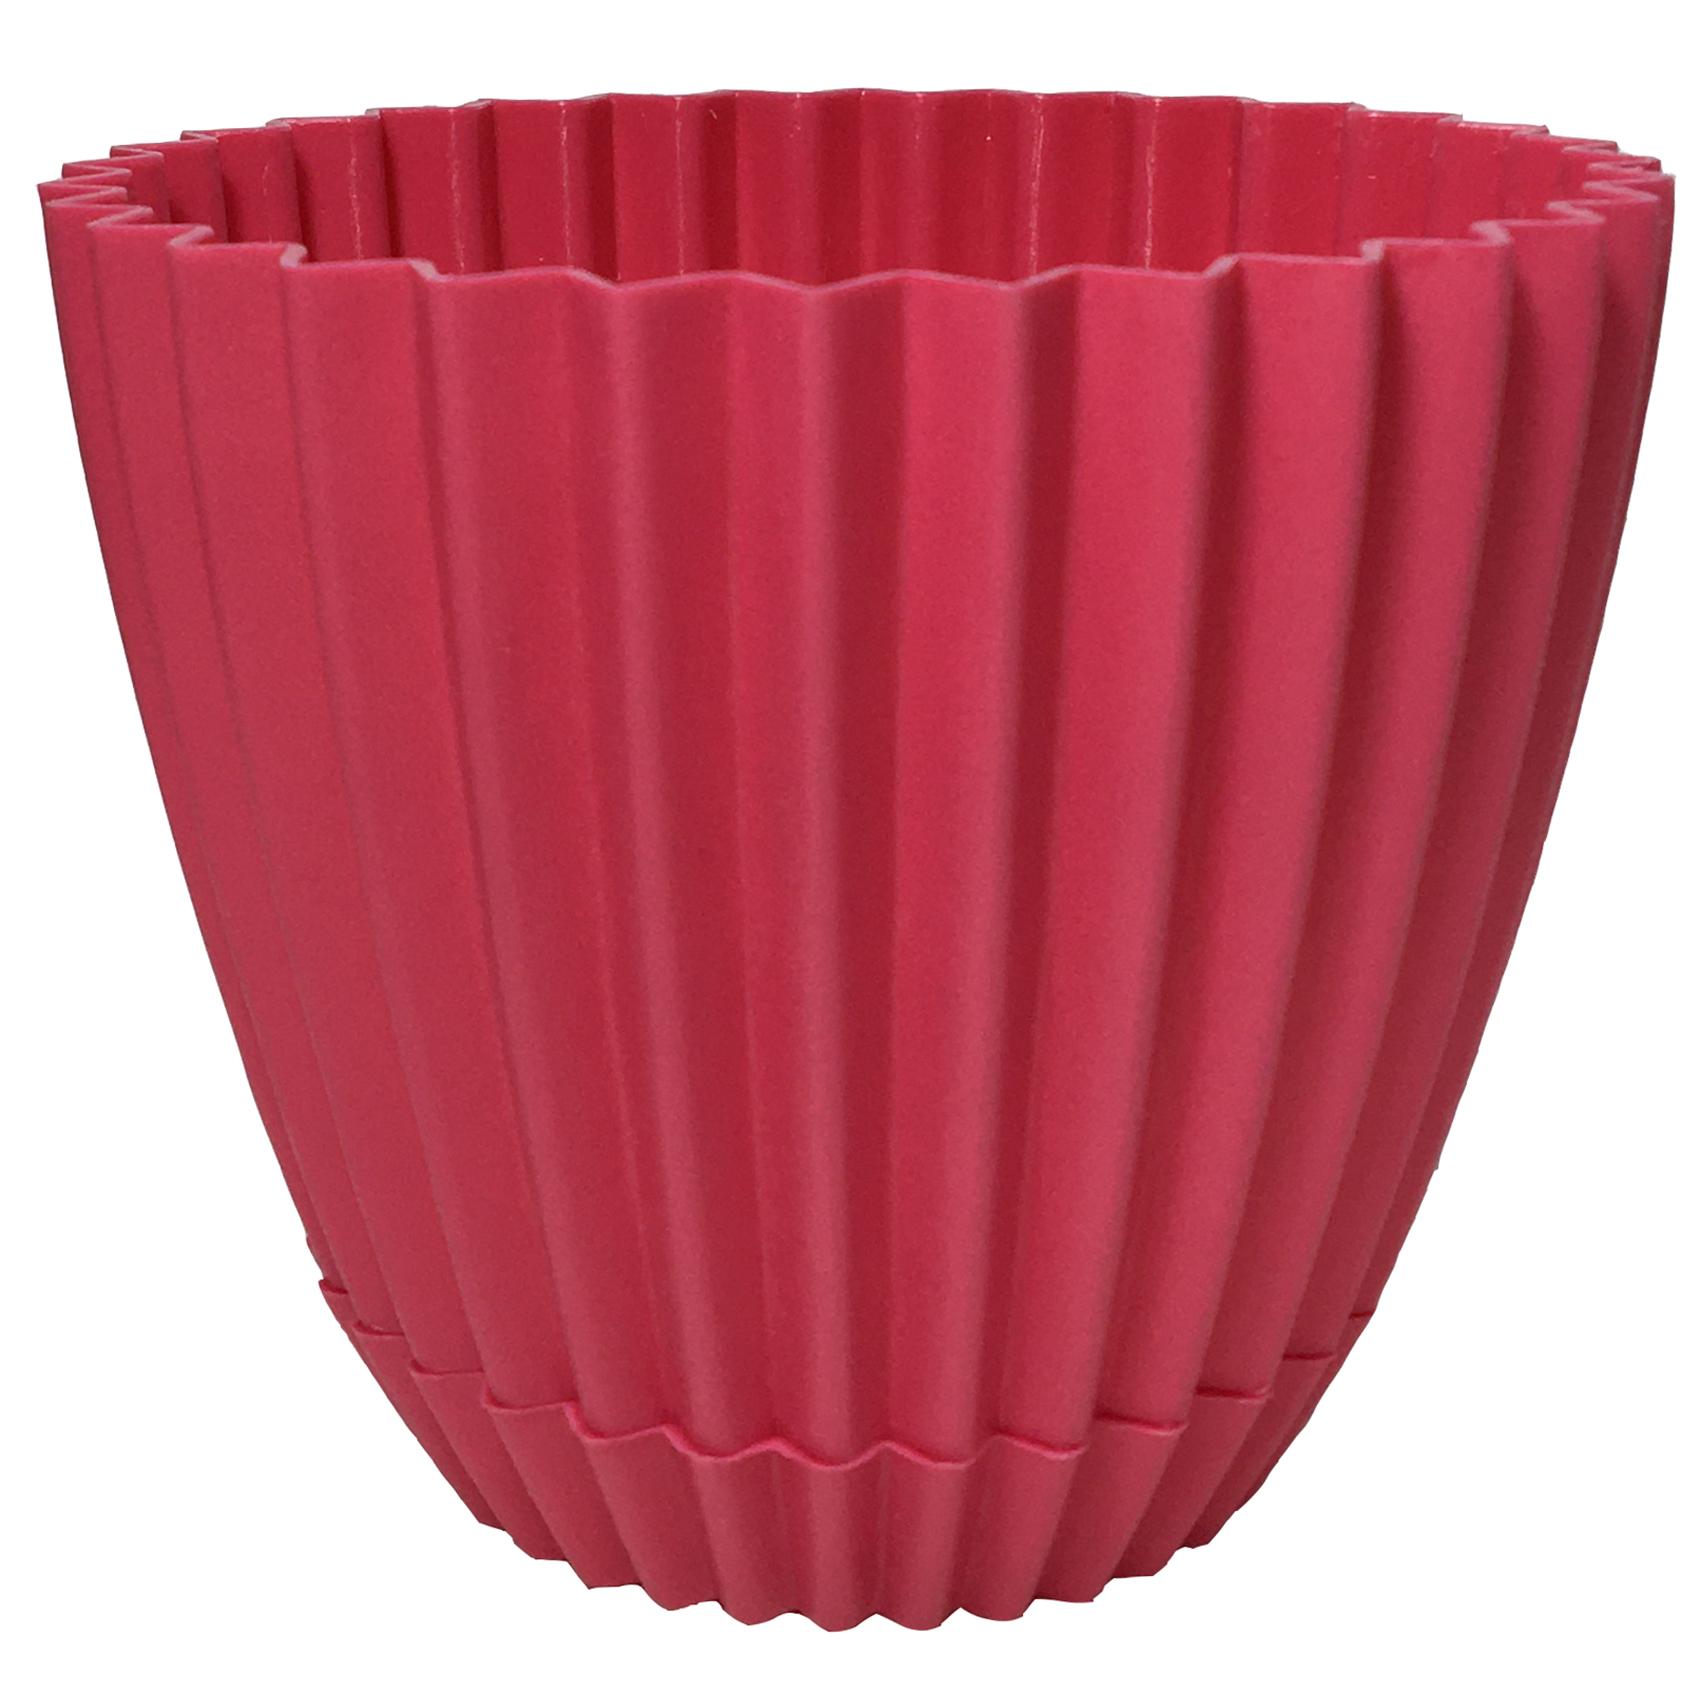 گلدان دانیال پلاستیک کد 1012 مجموعه 8 عددی thumb 4